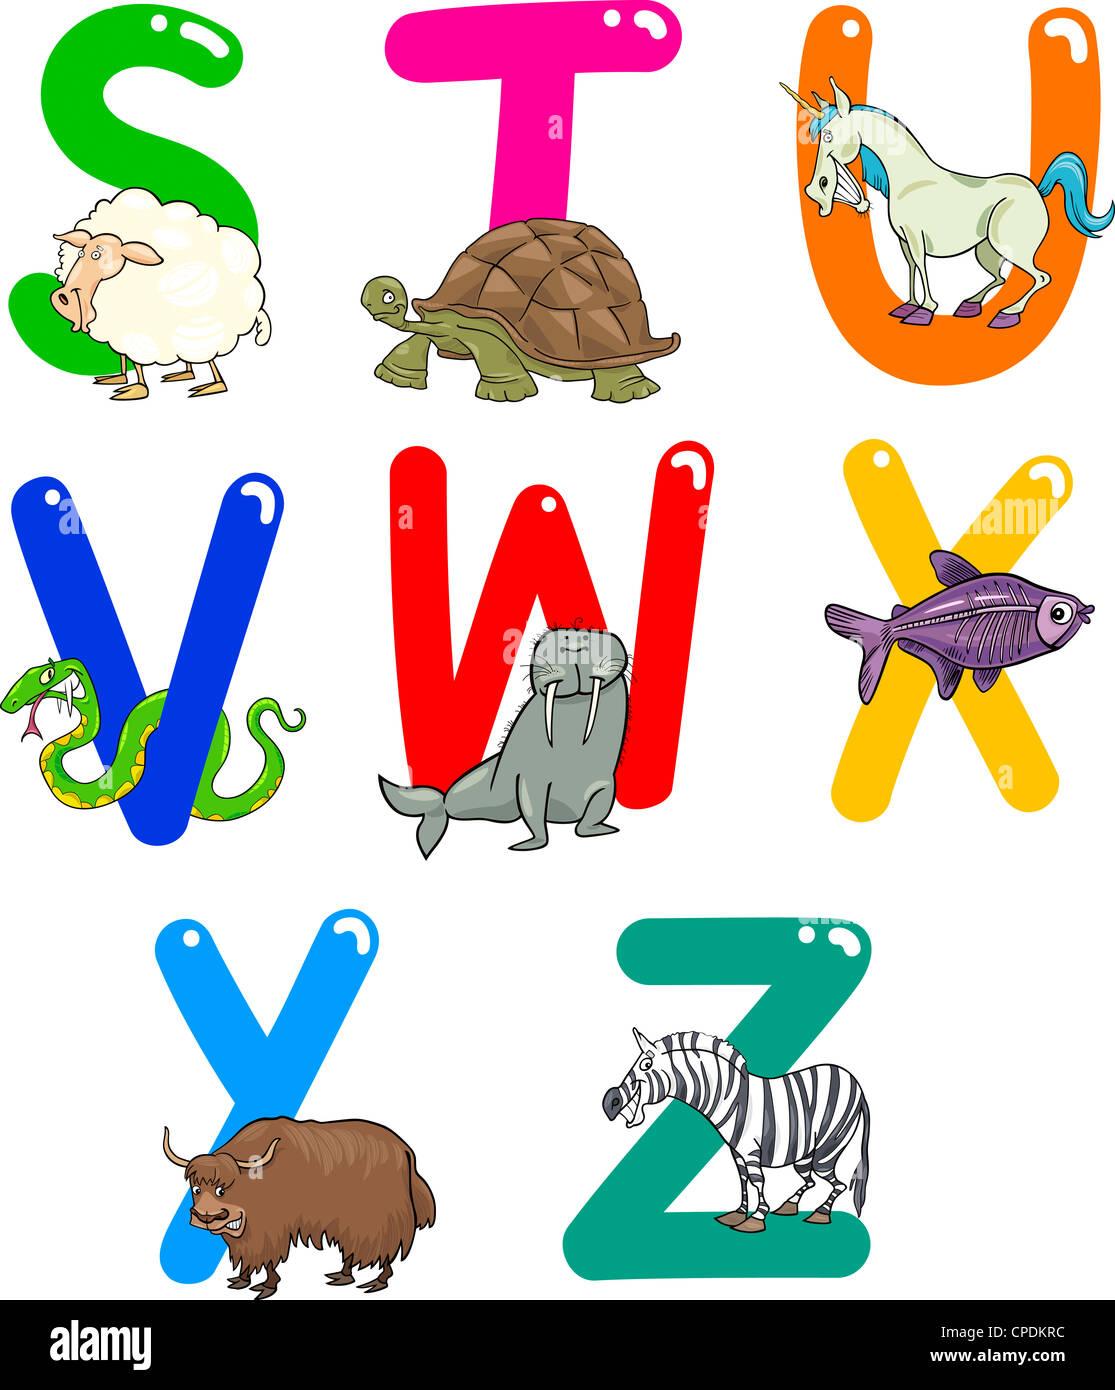 Cartoon X Ray Fish Stock Photos & Cartoon X Ray Fish Stock Images ...